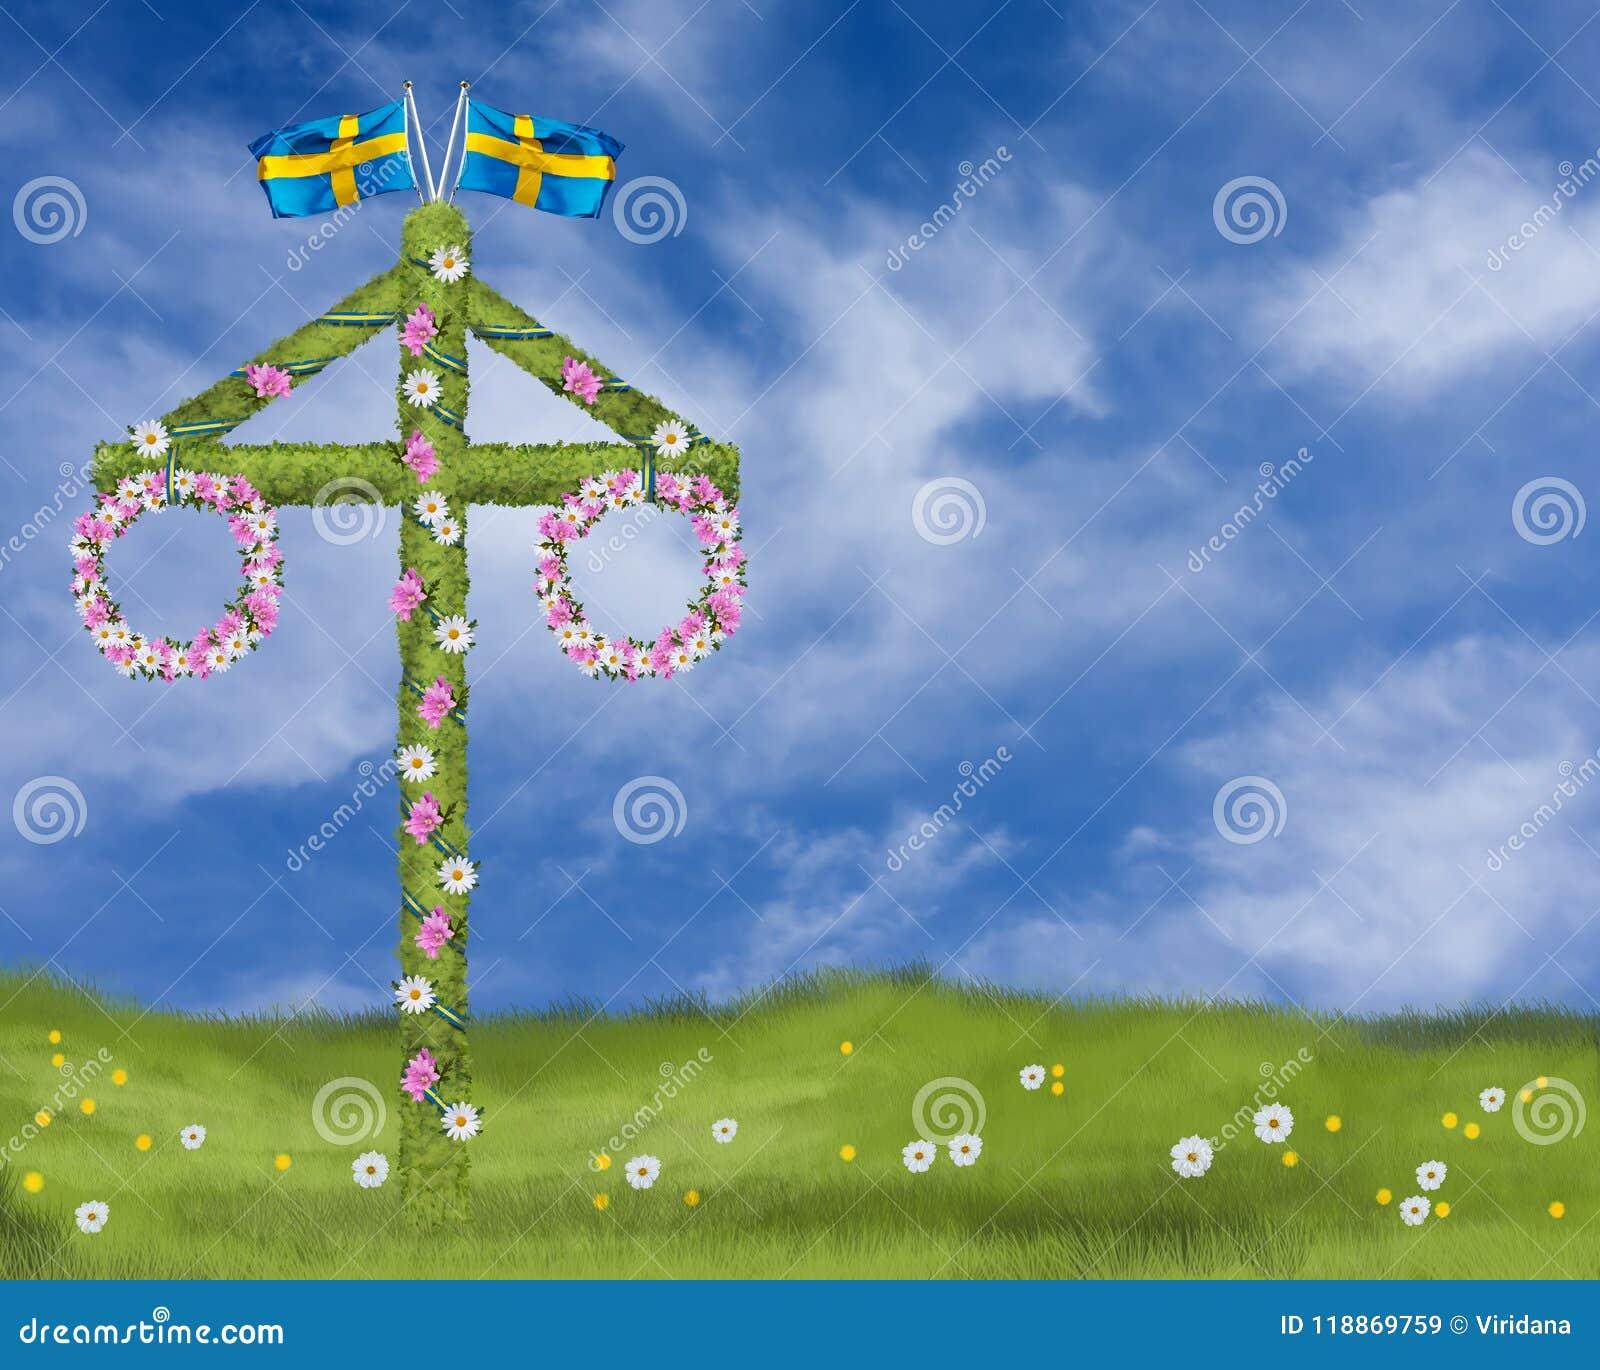 Hochsommer mit einem Maibaum mit Kränzen von Gänseblümchen und von traditioneller Hochsommerfeier der Malve in Schweden